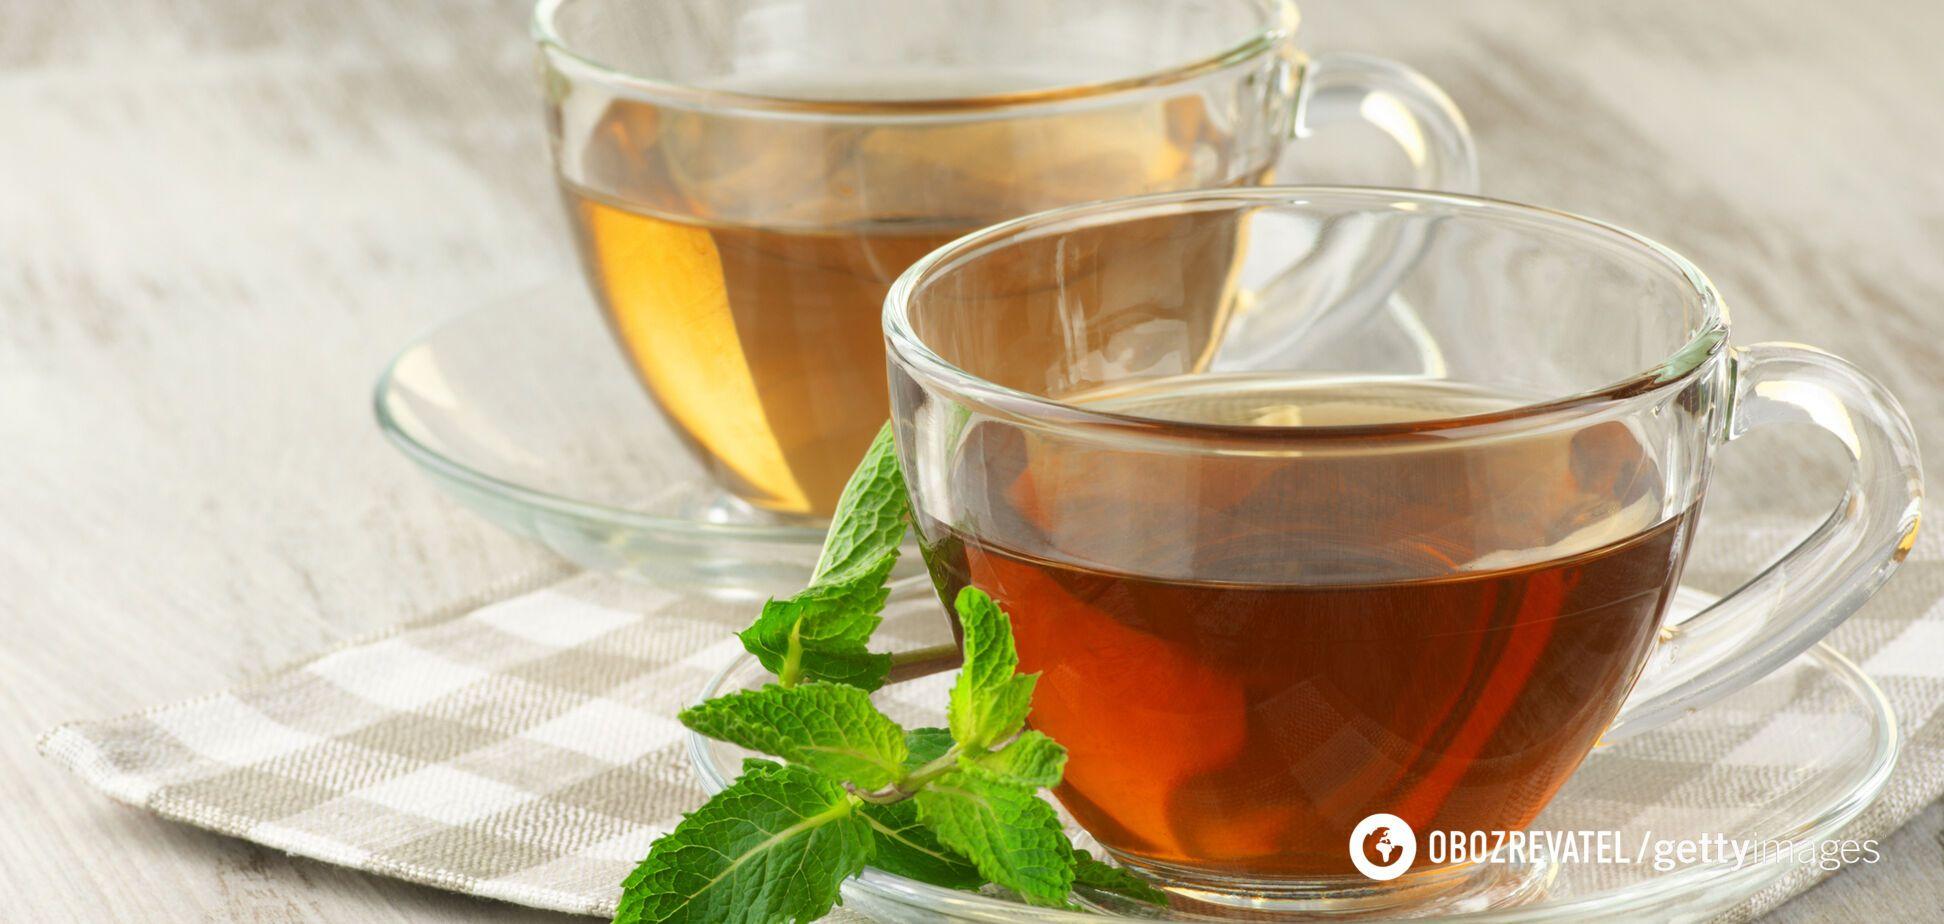 Чай укрепляет кровеносные сосуды иснижаетнагрузку на сердце